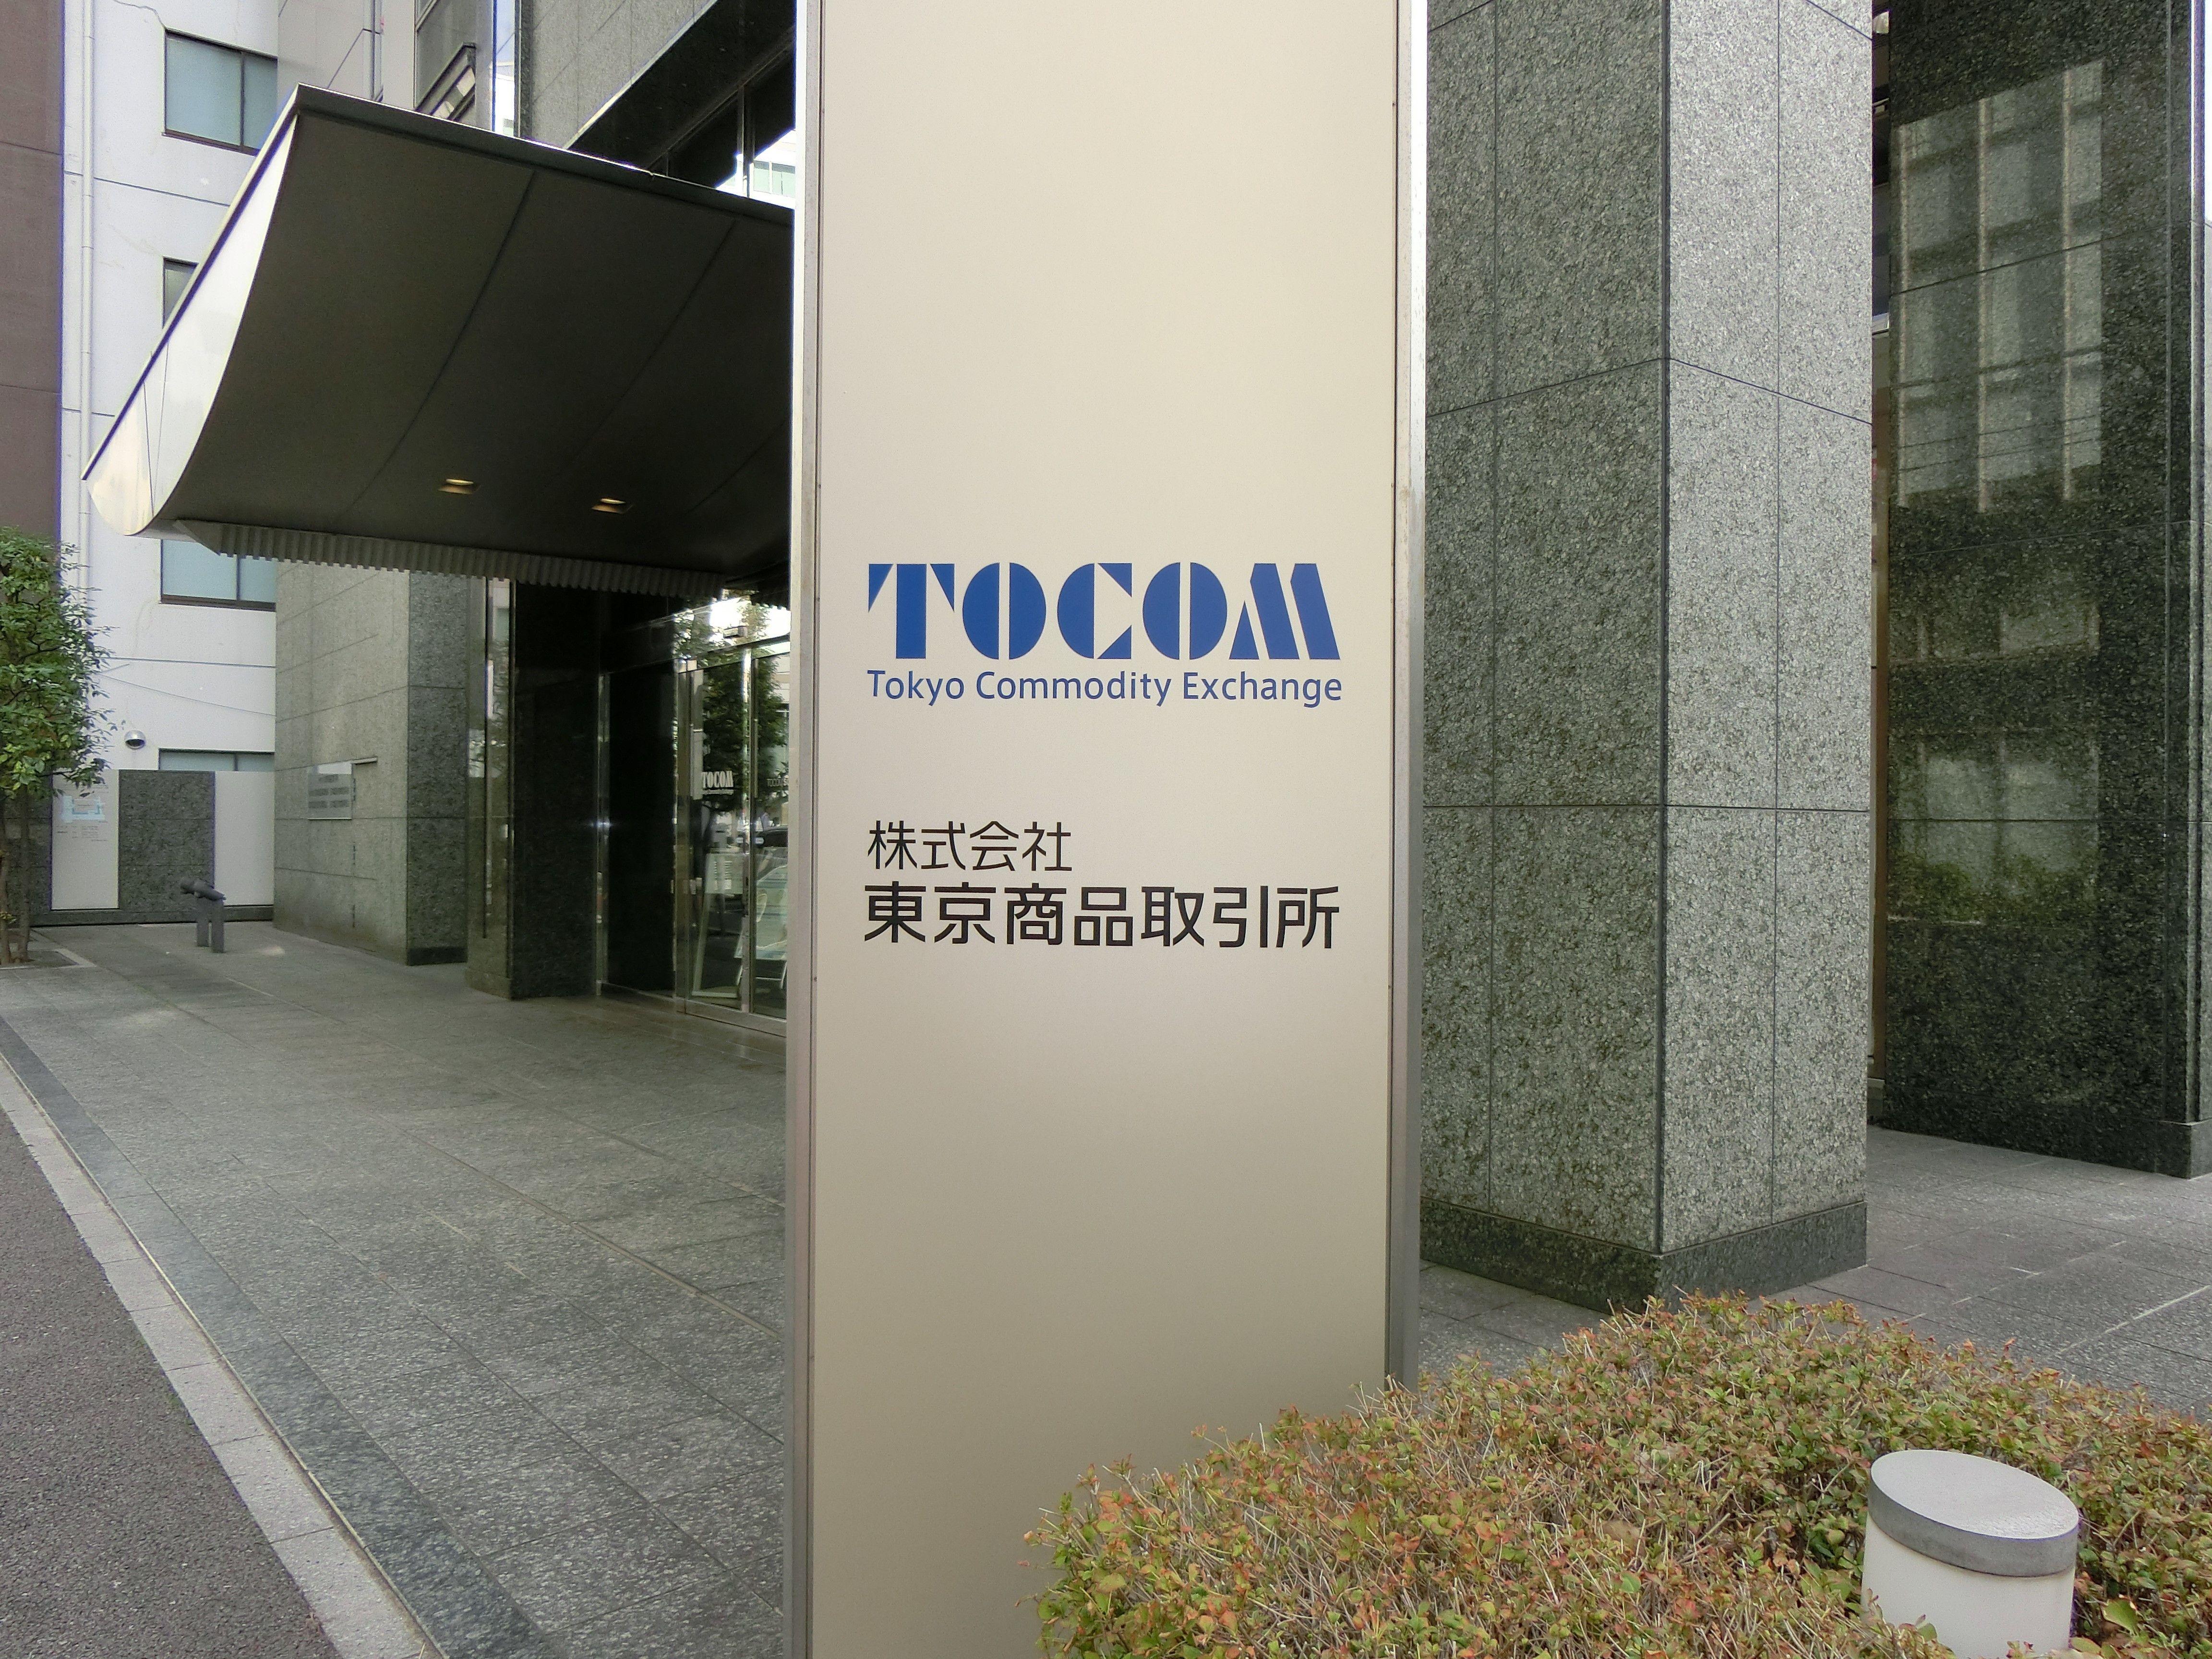 様相を異にする「東商取TOB」 経営統合へJPXが買い付け開始